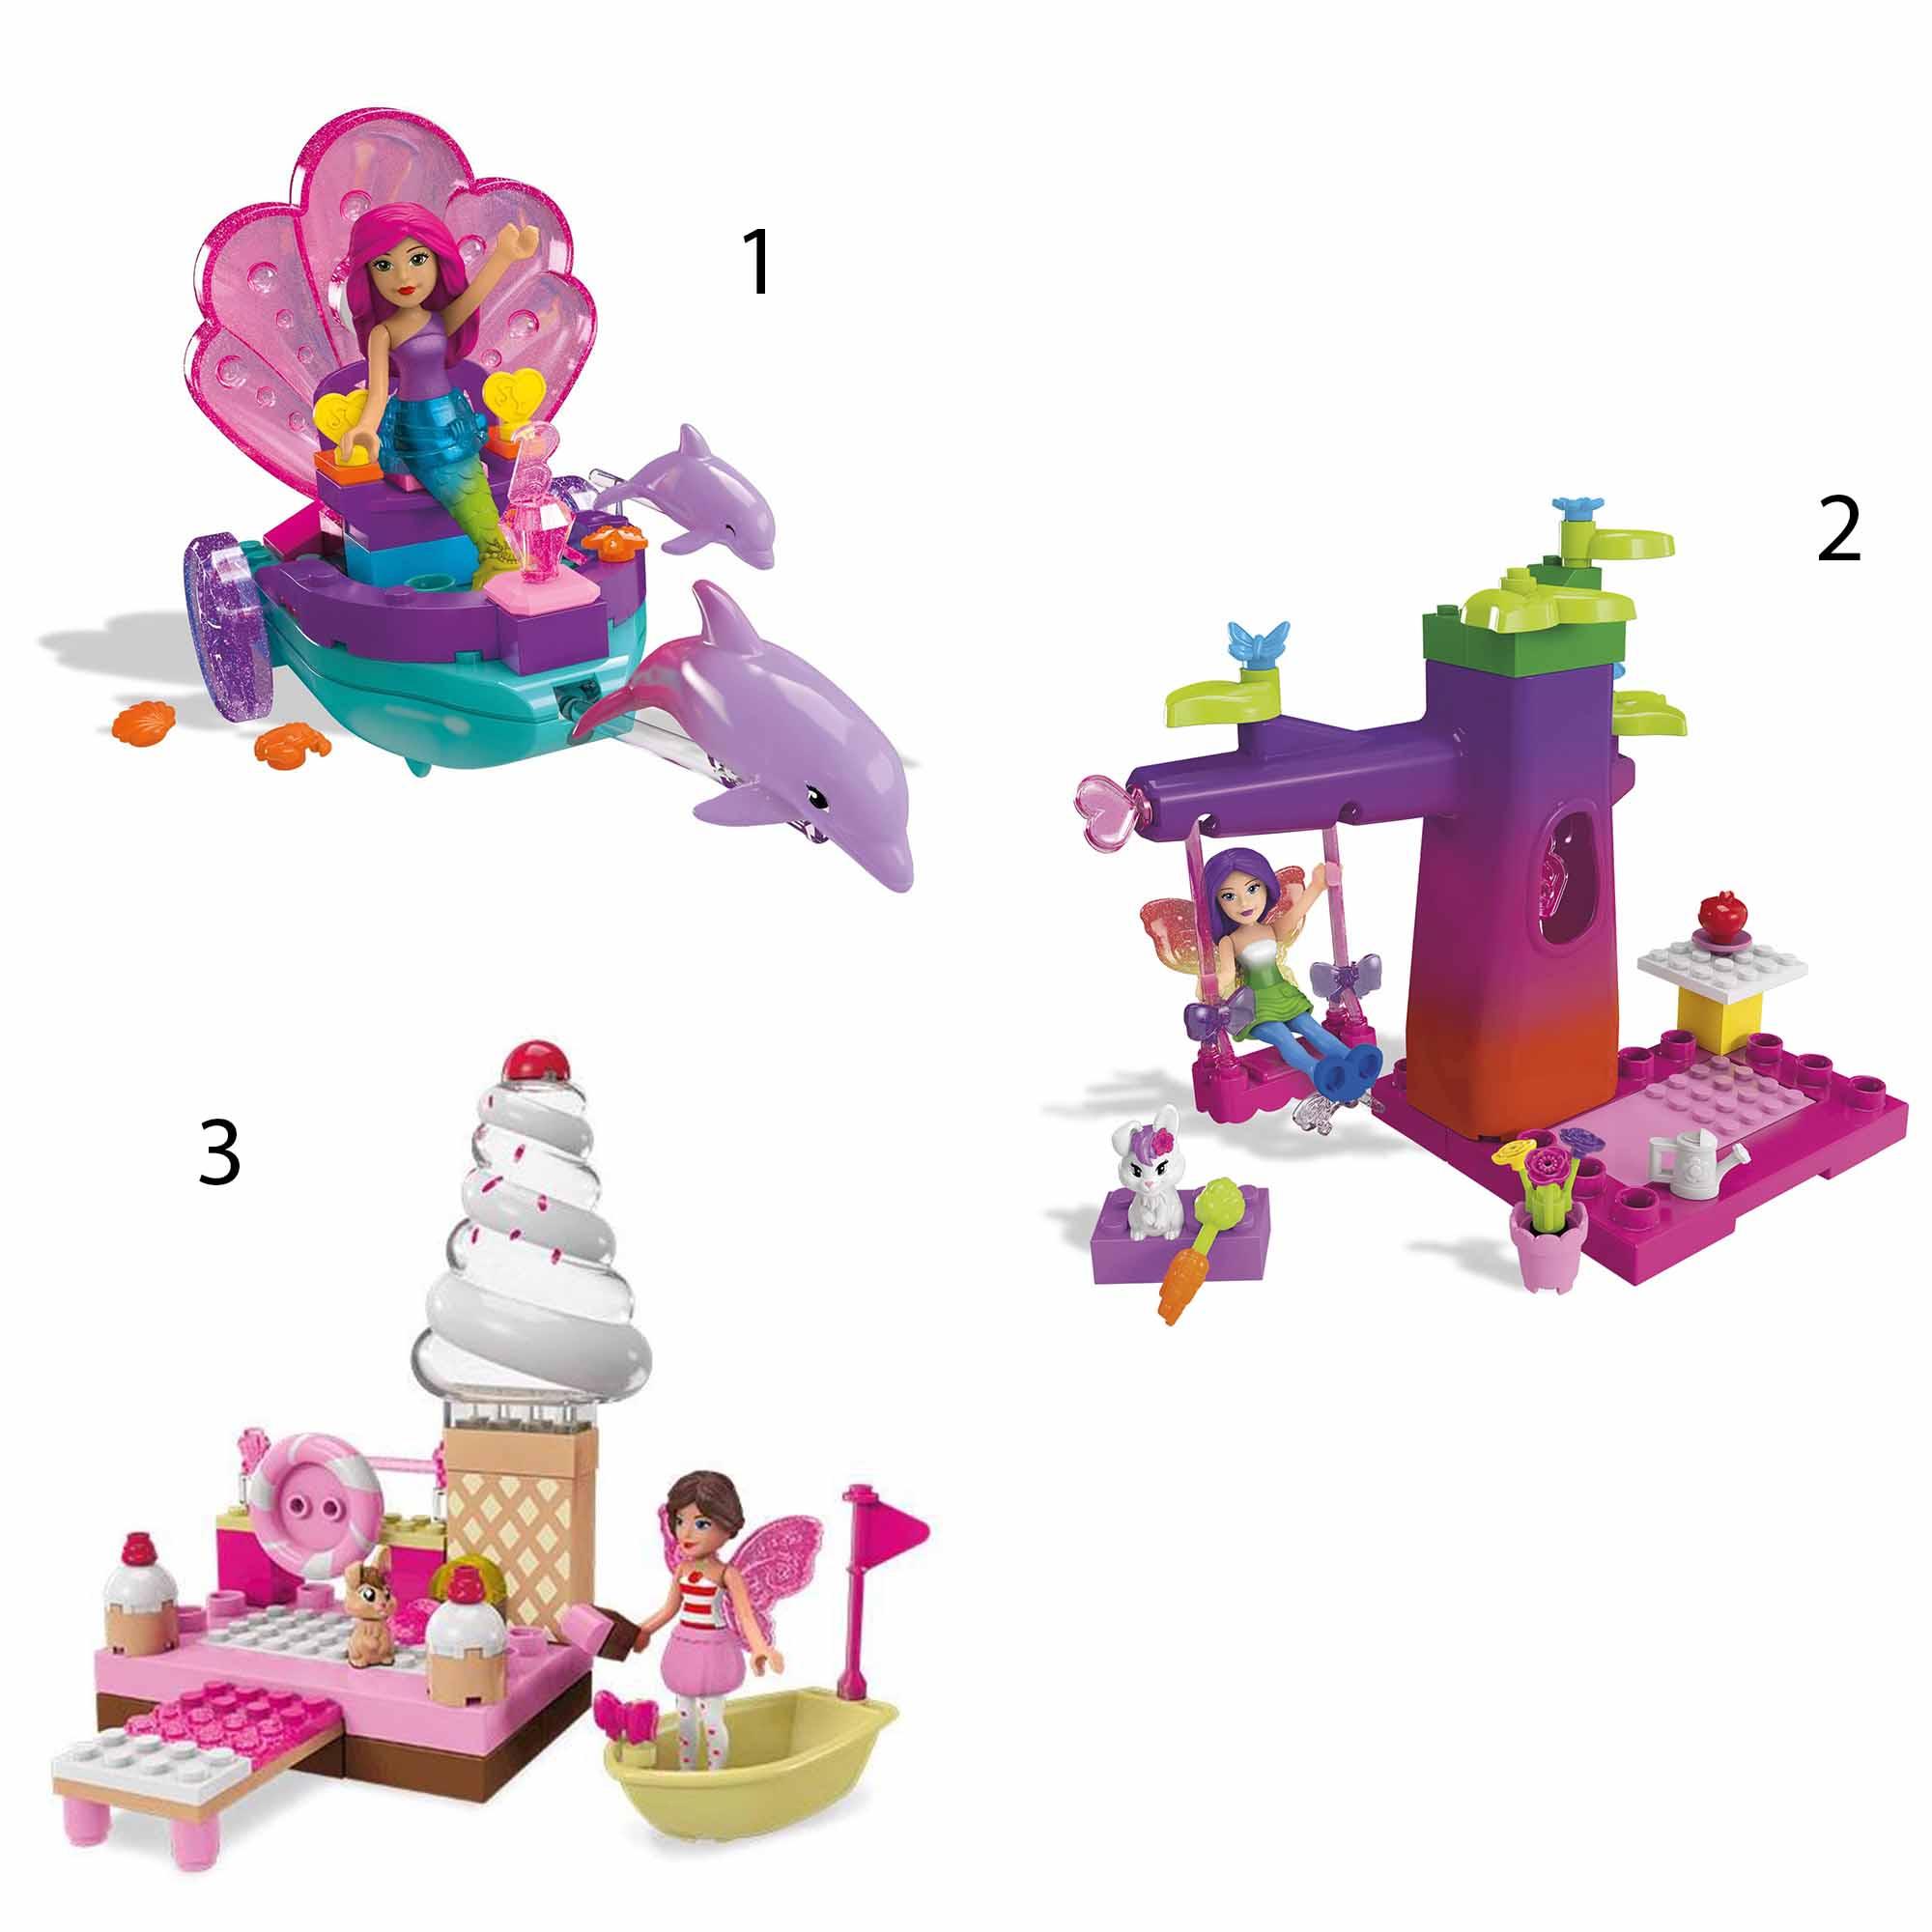 Конструктор Barbie – Сказочные игровые наборы, 40 деталейКонструкторы Mega Bloks<br>Конструктор Barbie – Сказочные игровые наборы, 40 деталей<br>